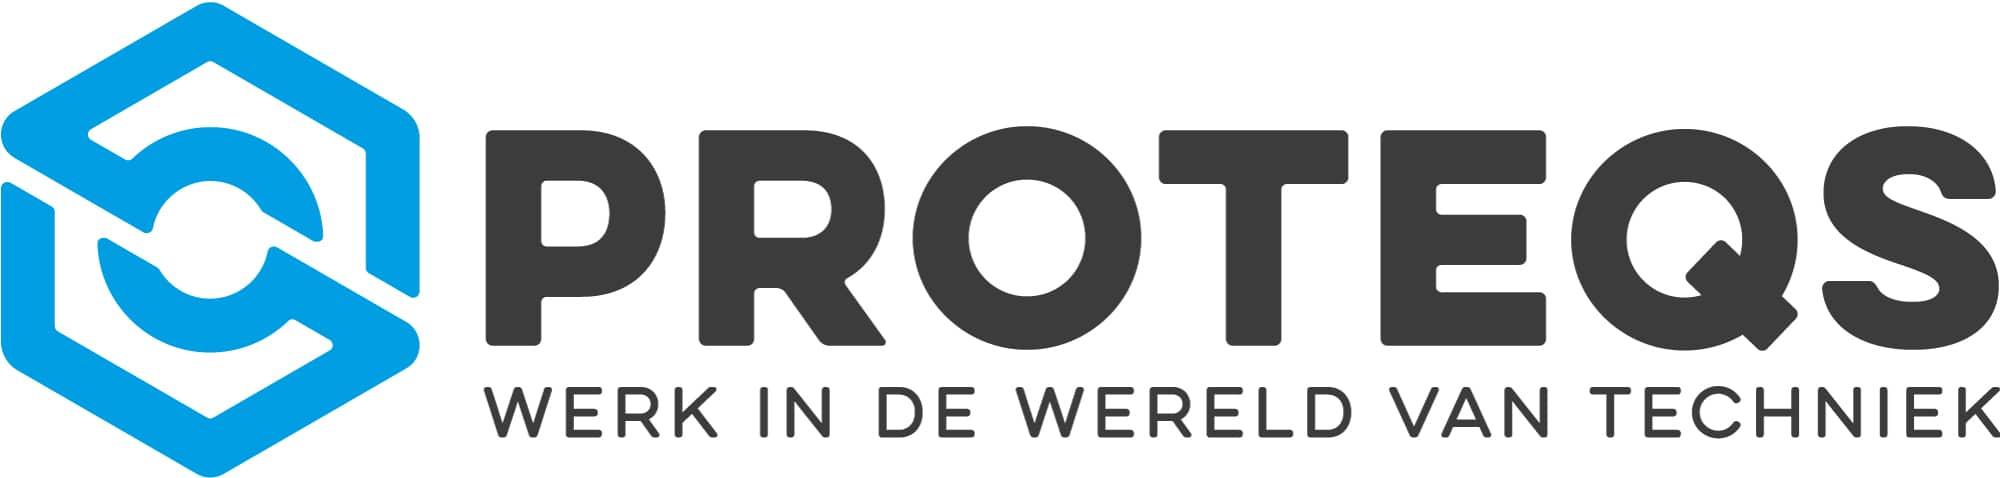 Proteqs, werk in de wereld van techniek